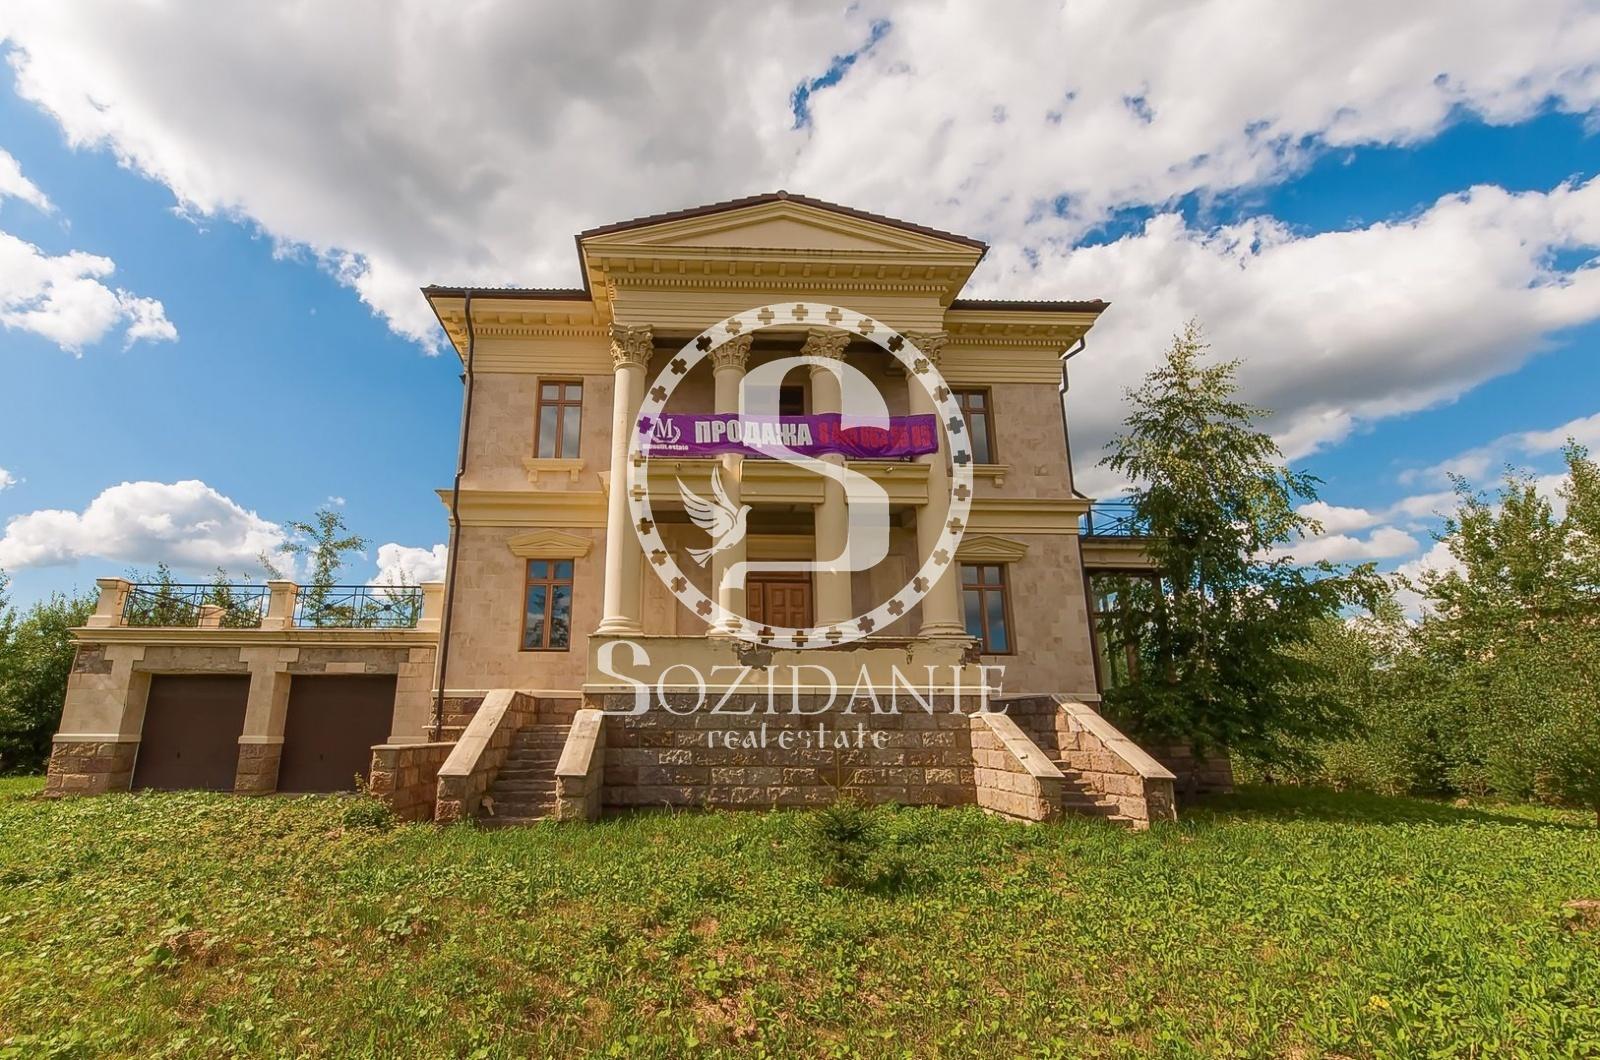 4 Bedrooms, 5 Комнаты, Загородная, Продажа, Listing ID 1077, Московская область, Россия,